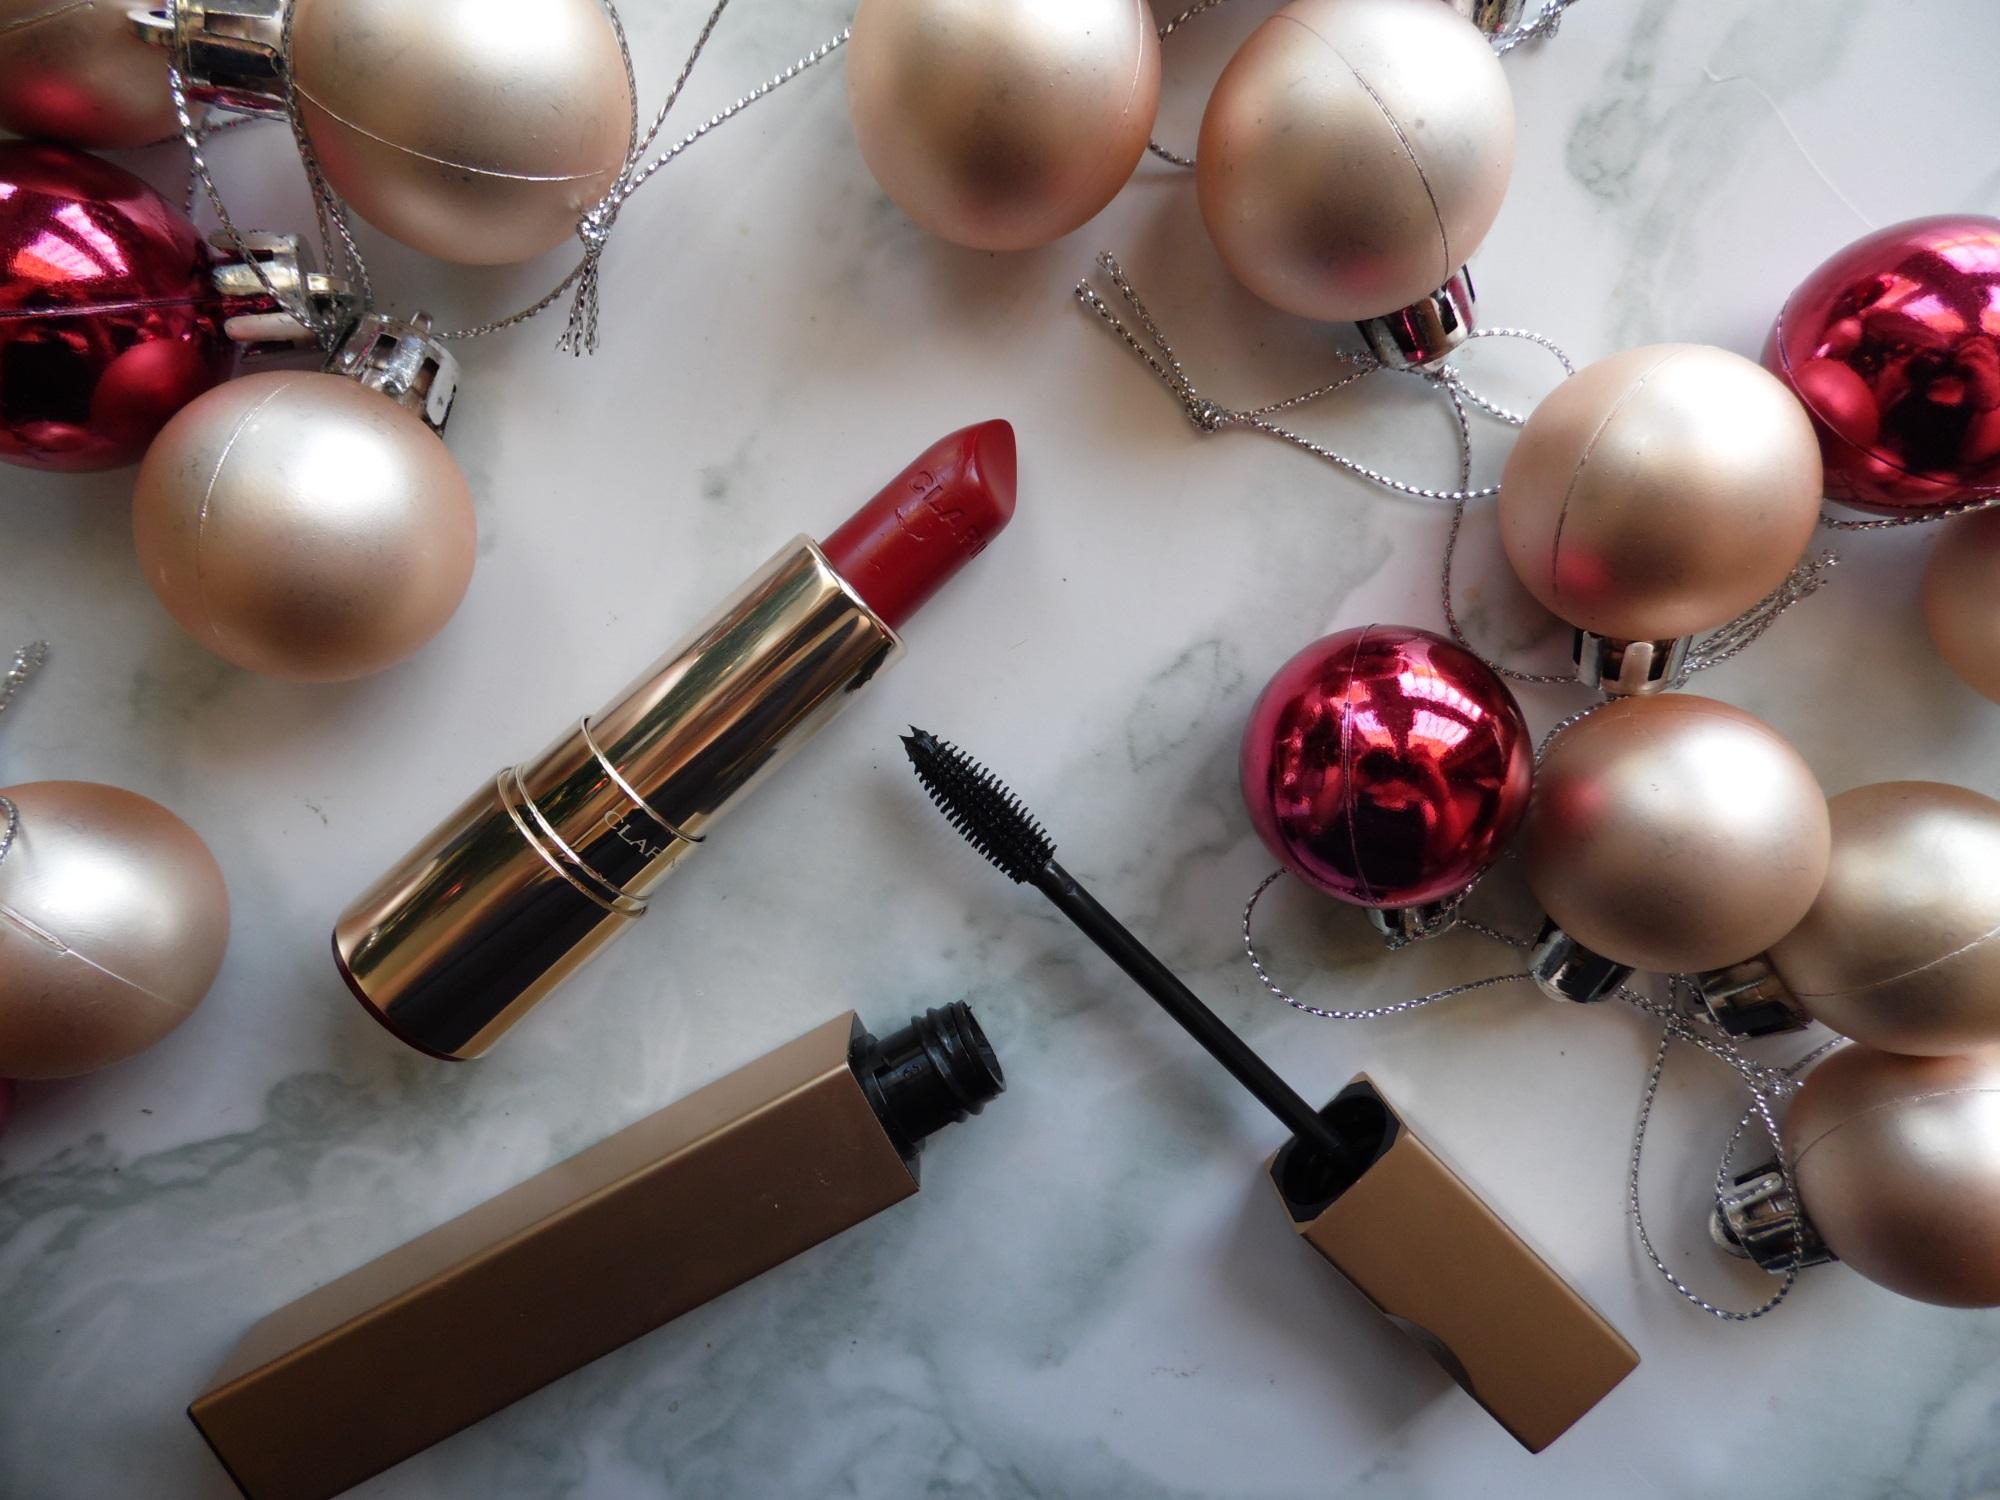 Hướng dẫn cách trang điểm cho mùa Giáng sinh nổi bật, đẹp rạng rỡ